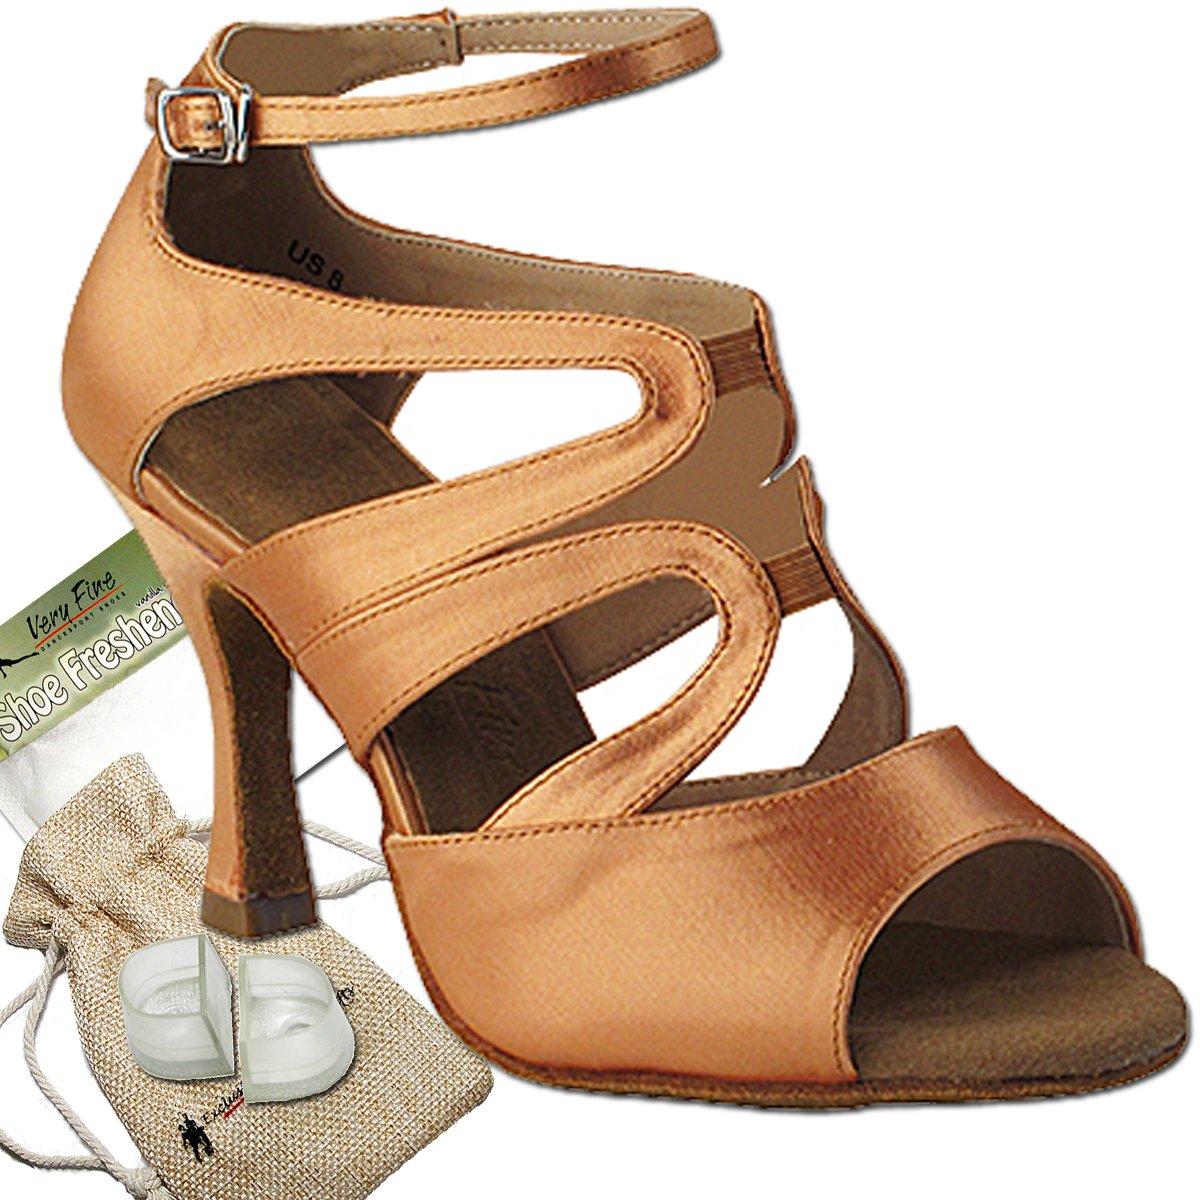 最高級のスーパー [Very Fine | Dance Shoes] レディース B075W4HTBW M 2.5